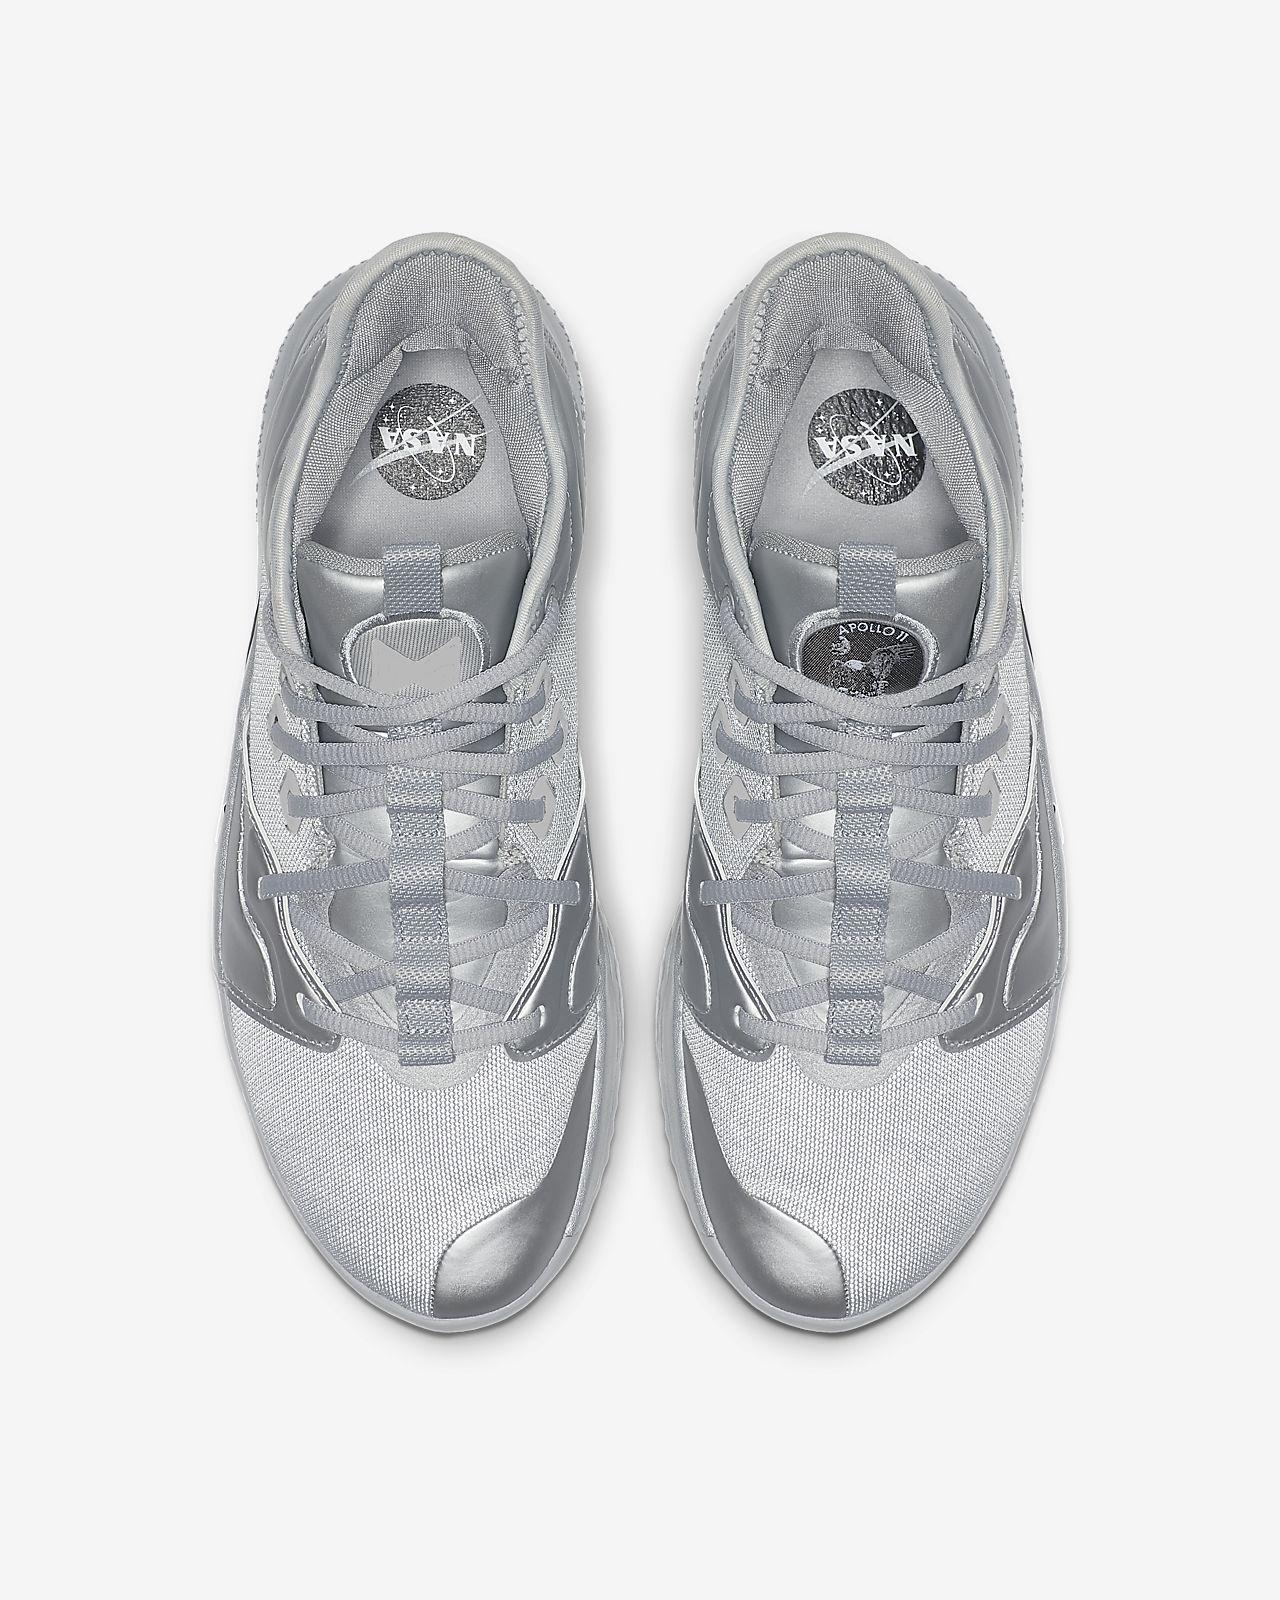 new styles 9b9cc ac9ae PG 3 NASA Basketball Shoe